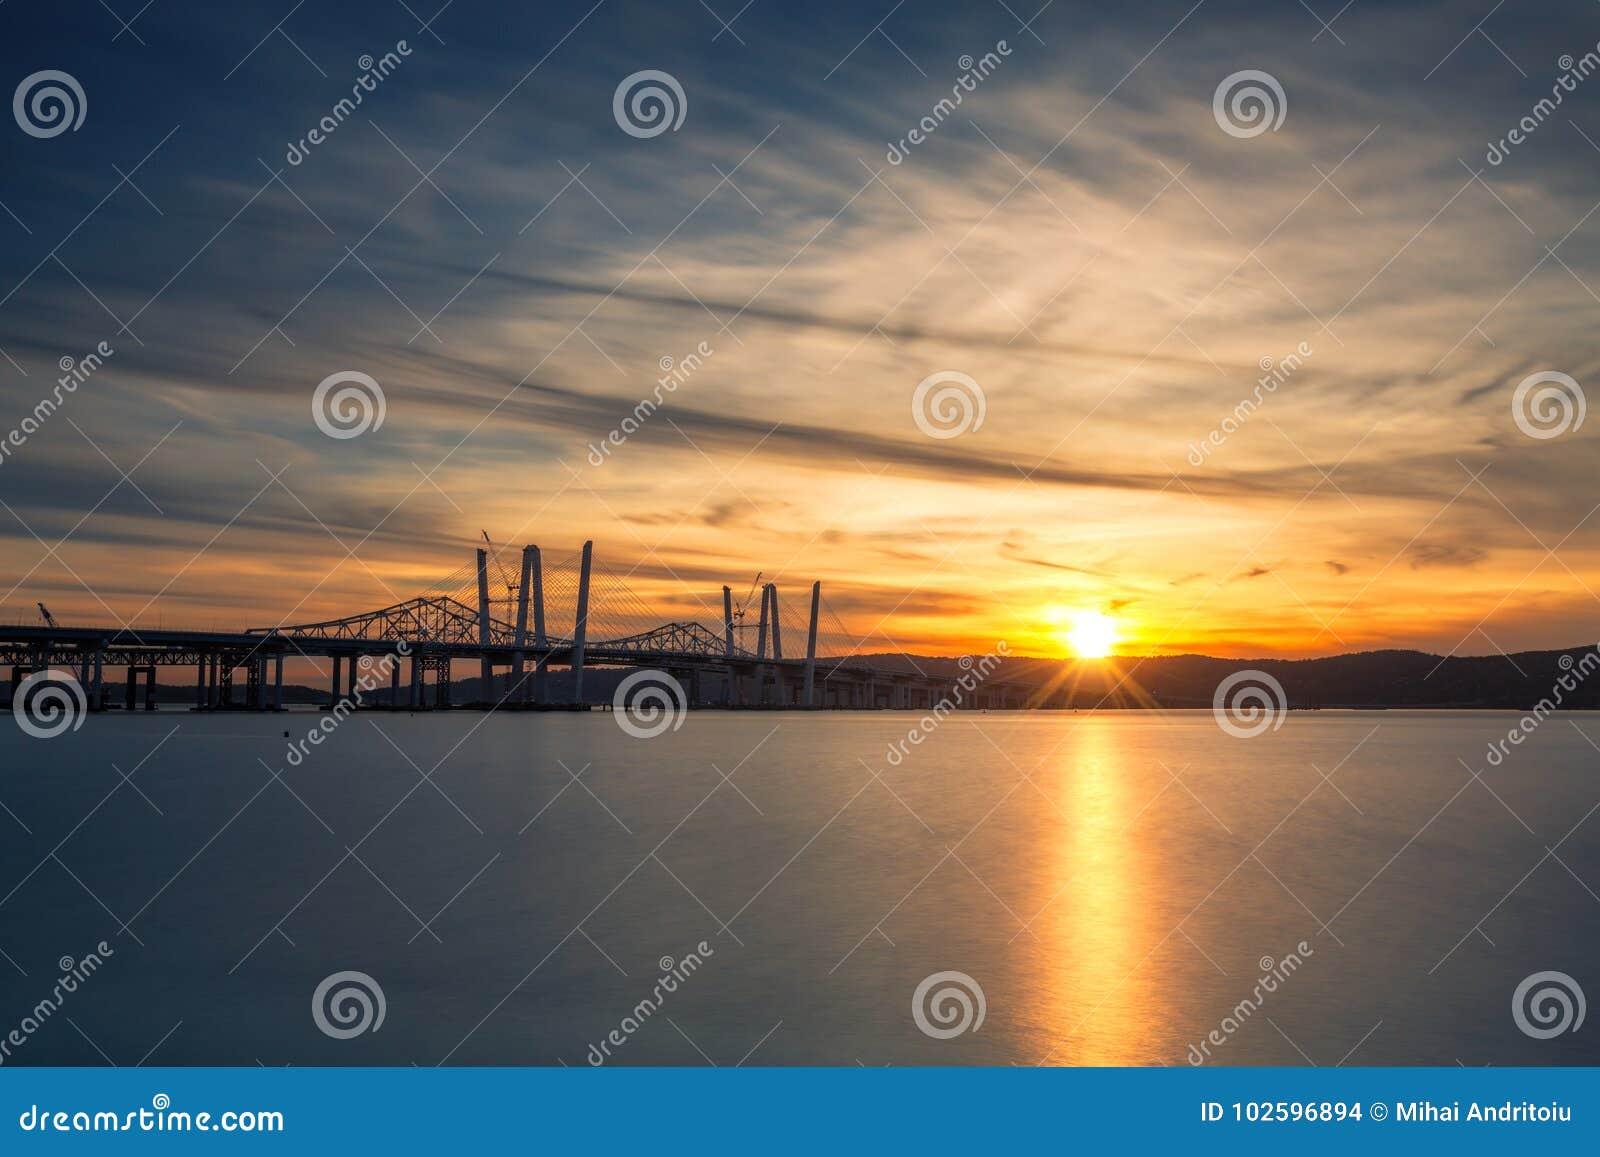 Nowi i Starzy Tappan Zee mosty